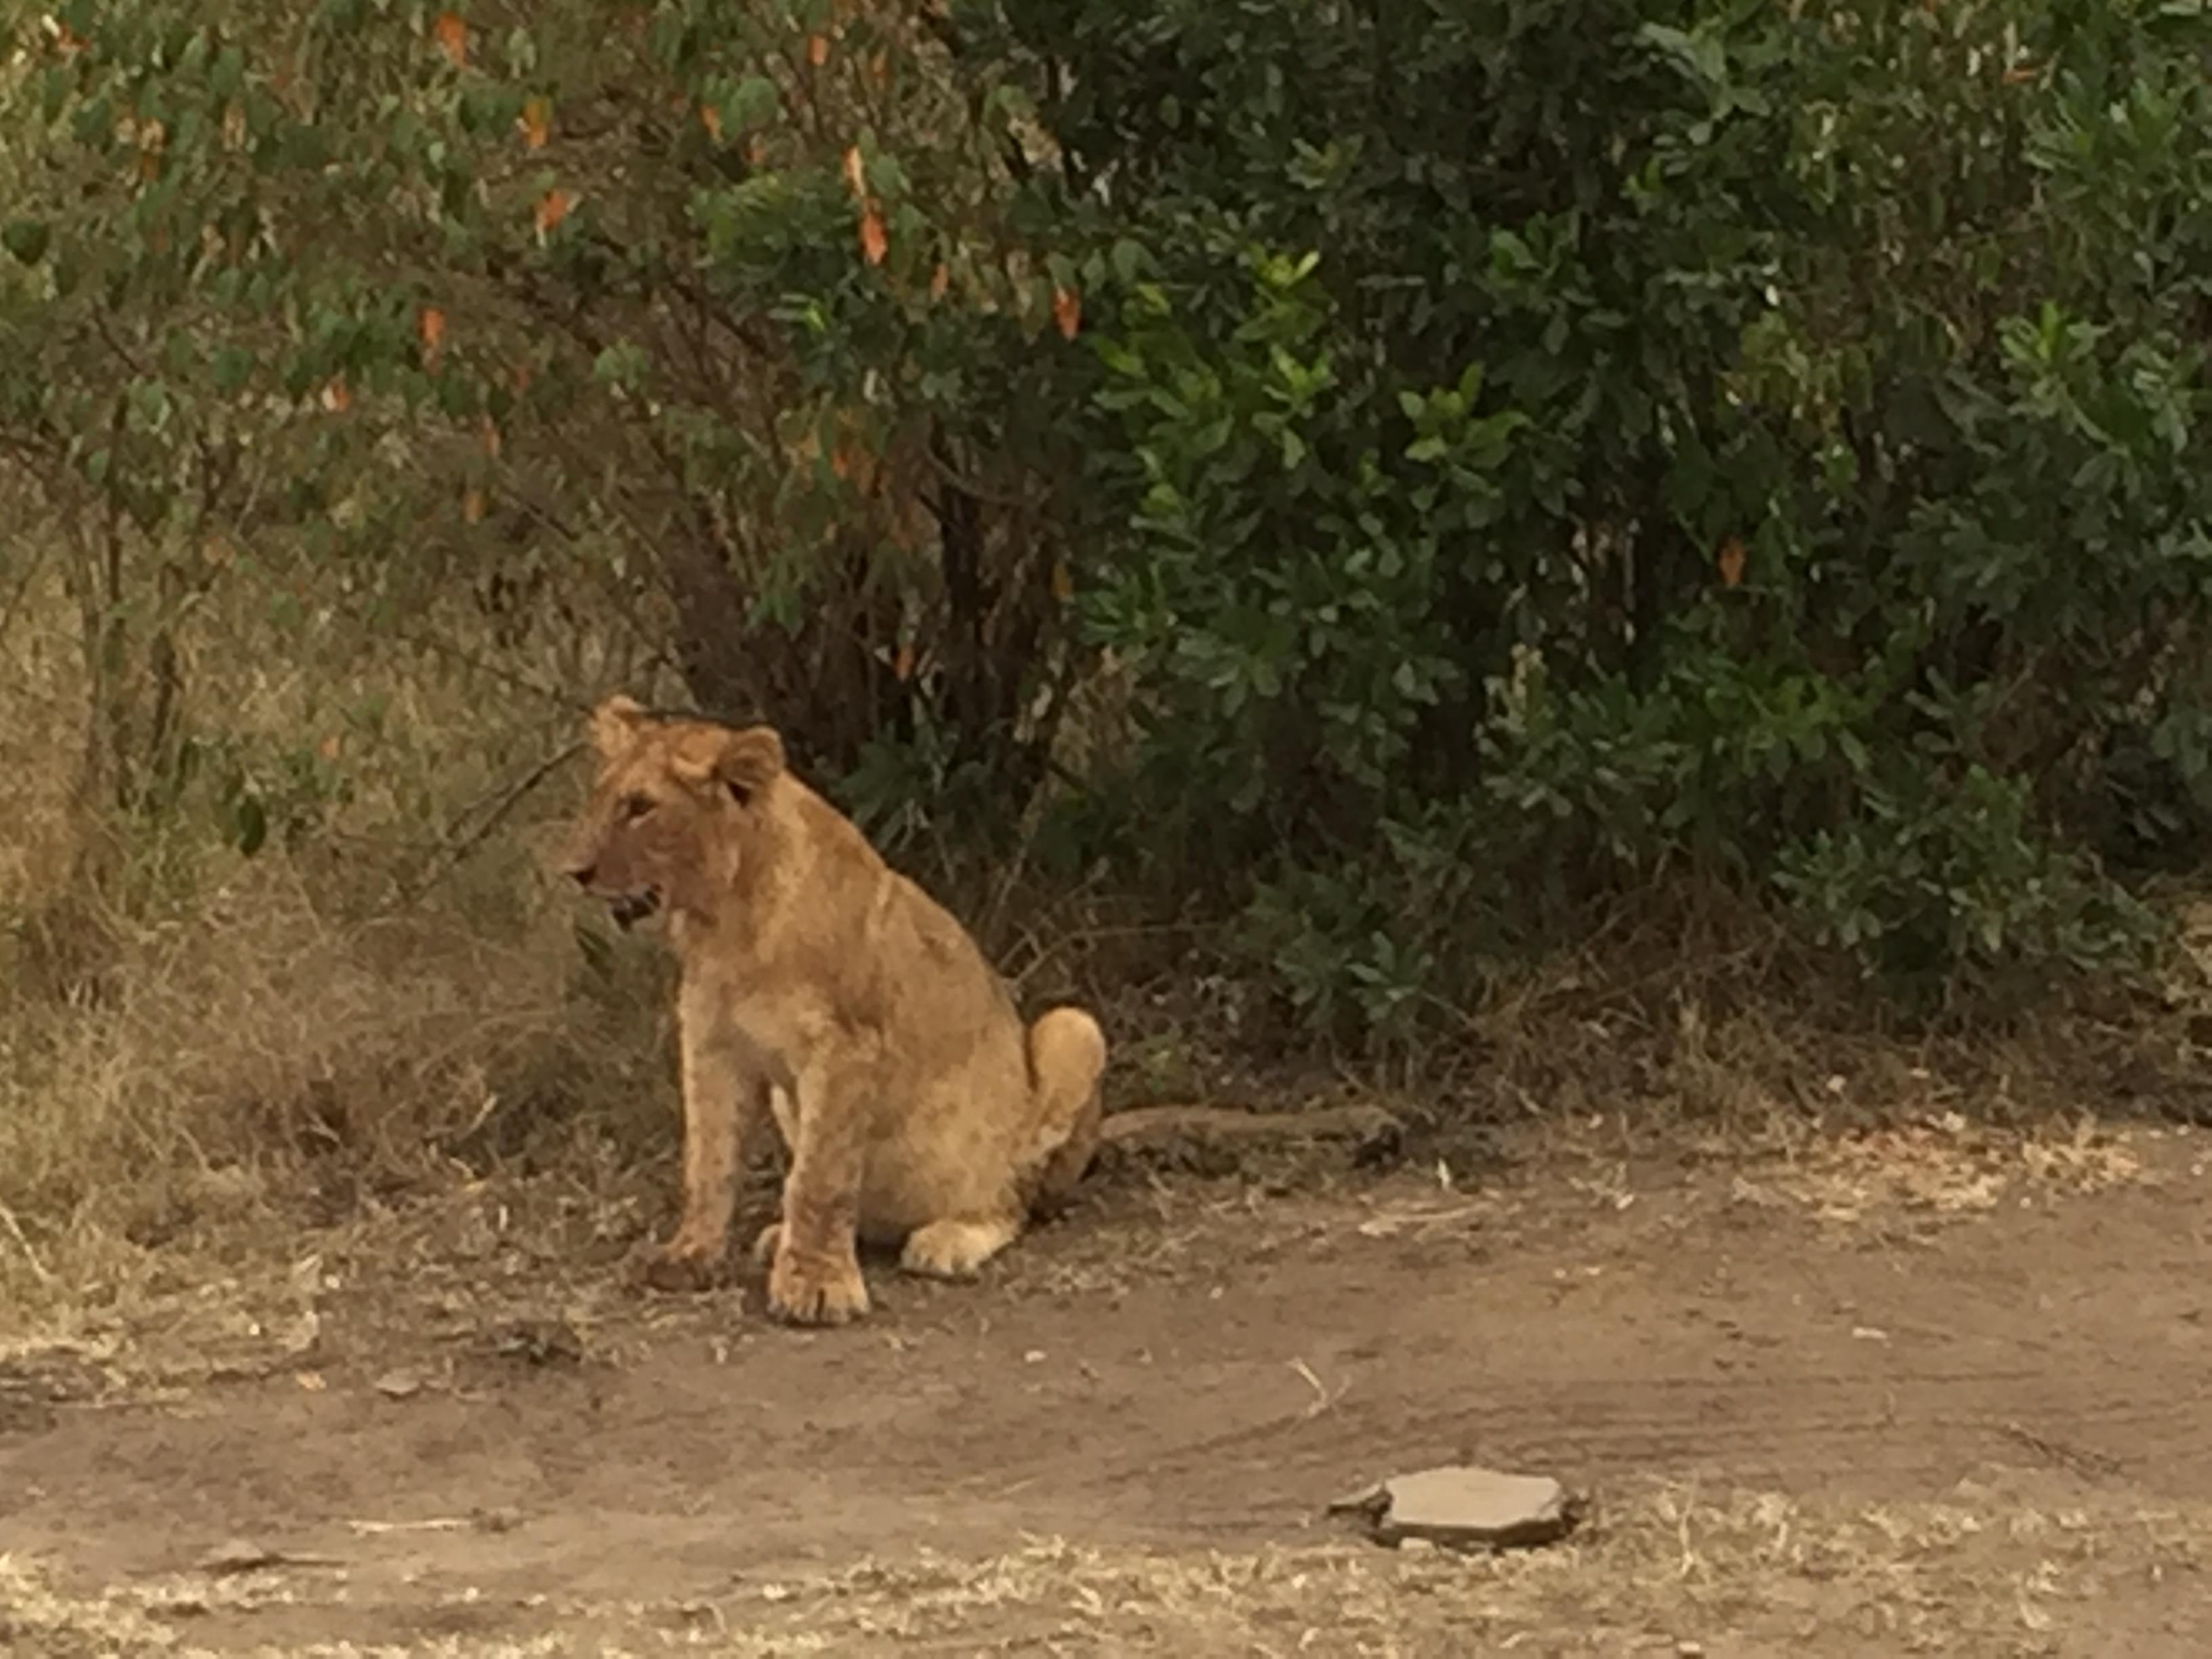 ケニヤでゲームドライブ中に、ライオンの親子発見!!